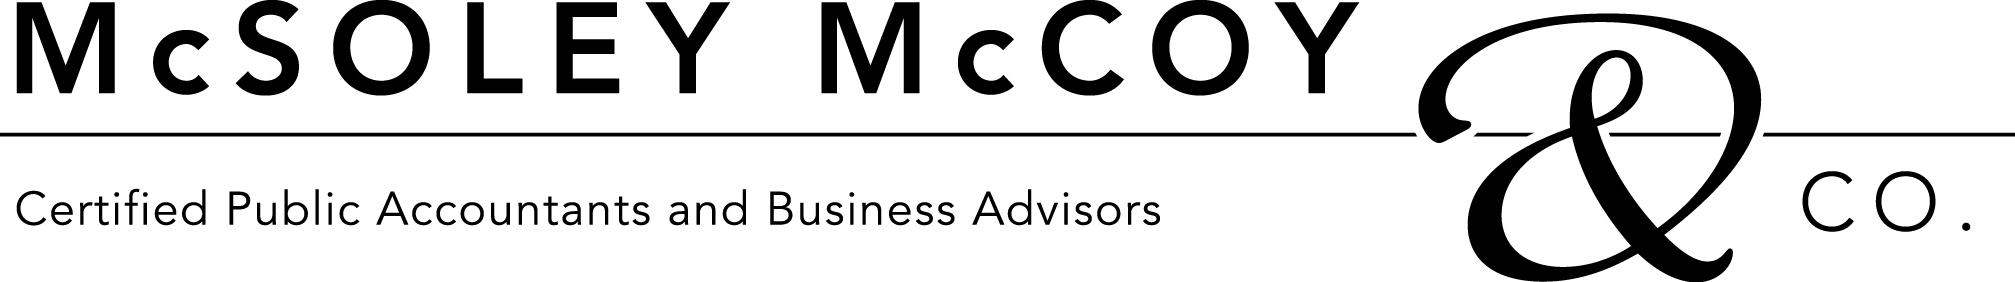 MMC-Logo-black.jpg